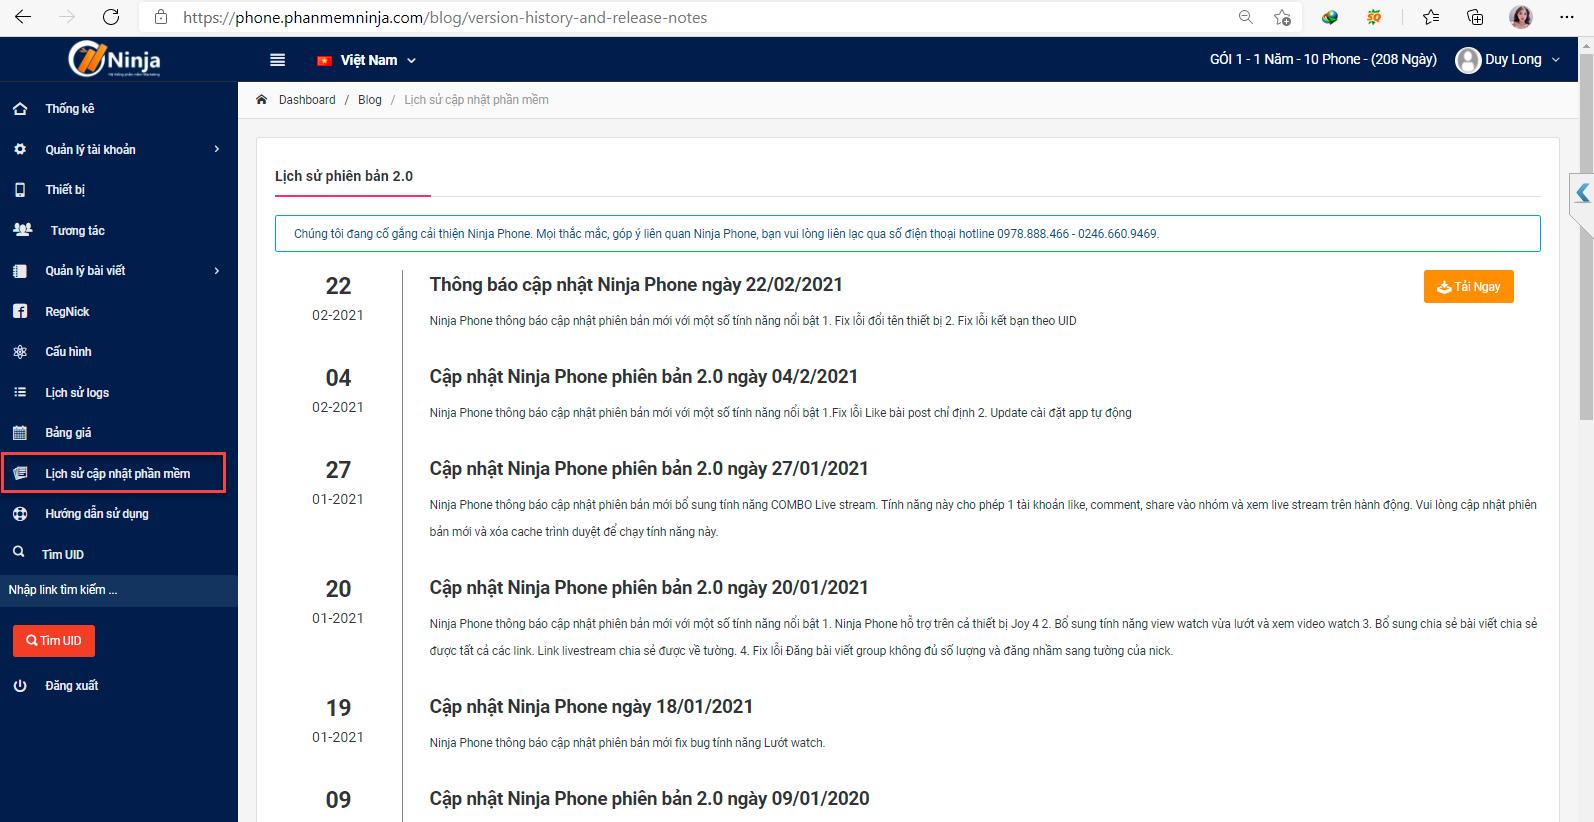 tai ninja phone Hướng dẫn cài đặt phần mềm Ninja Phone trên điện thoại Vinsmart